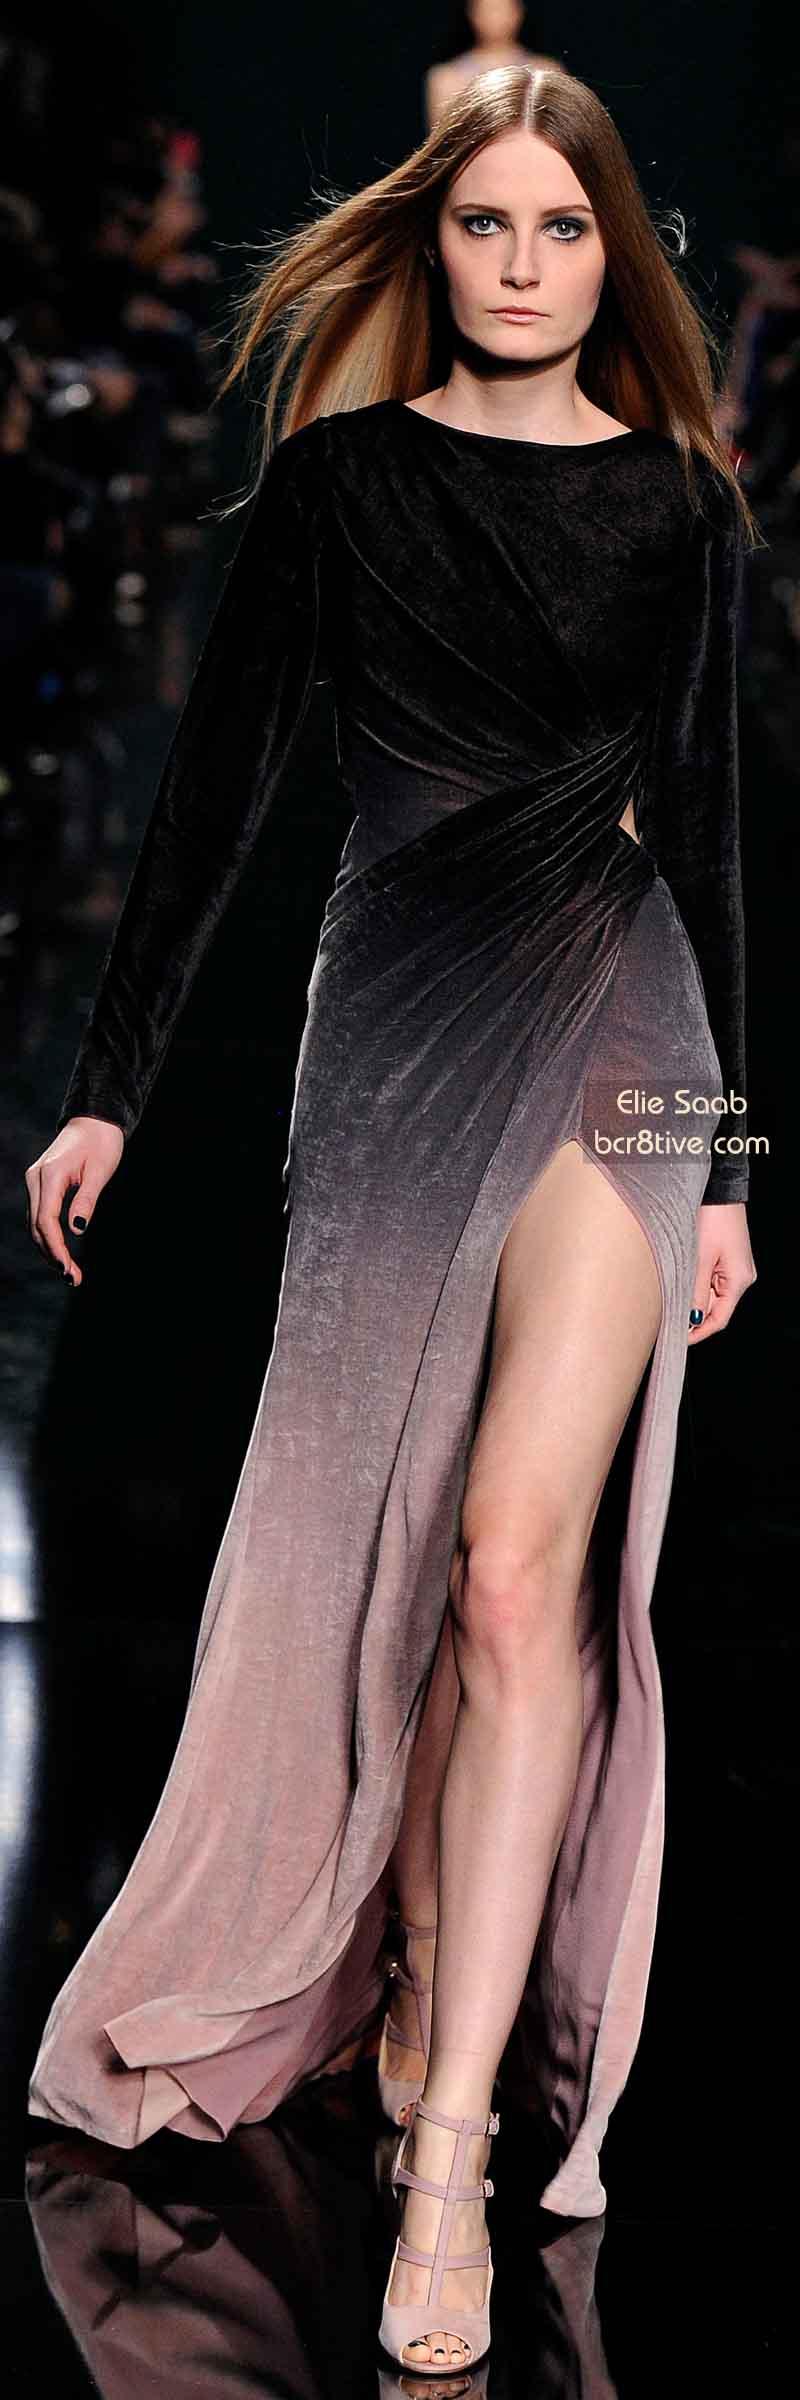 Elie Saab FW 2014 #ParisFashionWeek